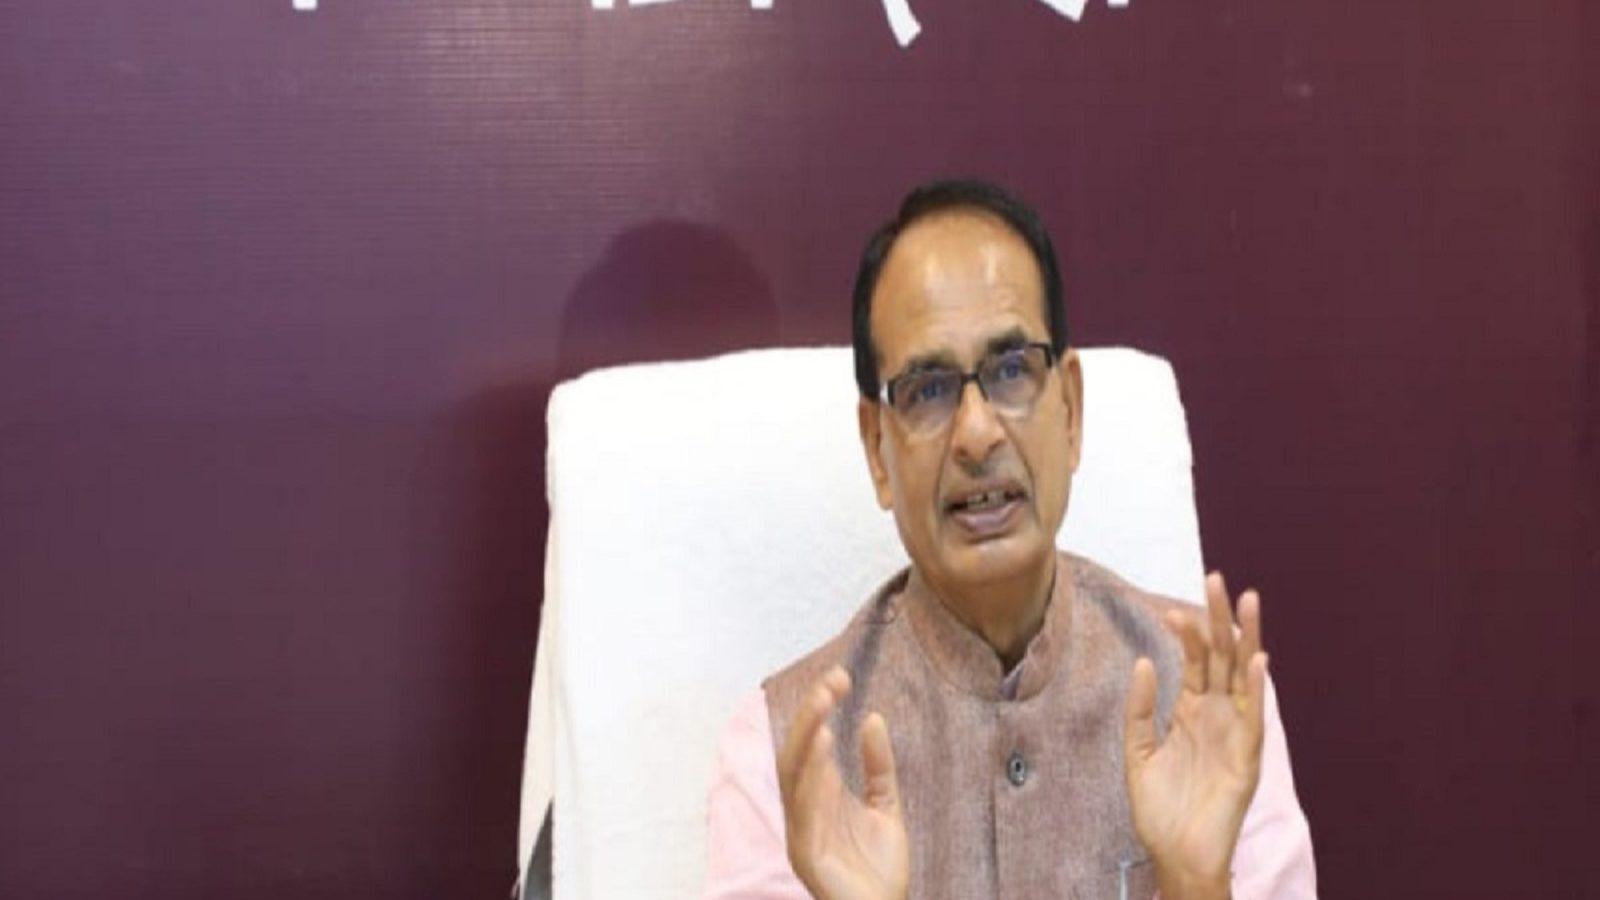 MP News: इंदौर में बनेगा ब्रॉड गेज मेट्रो, नागपुर का फार्मूला अपनाएगी शिवराज सरकार